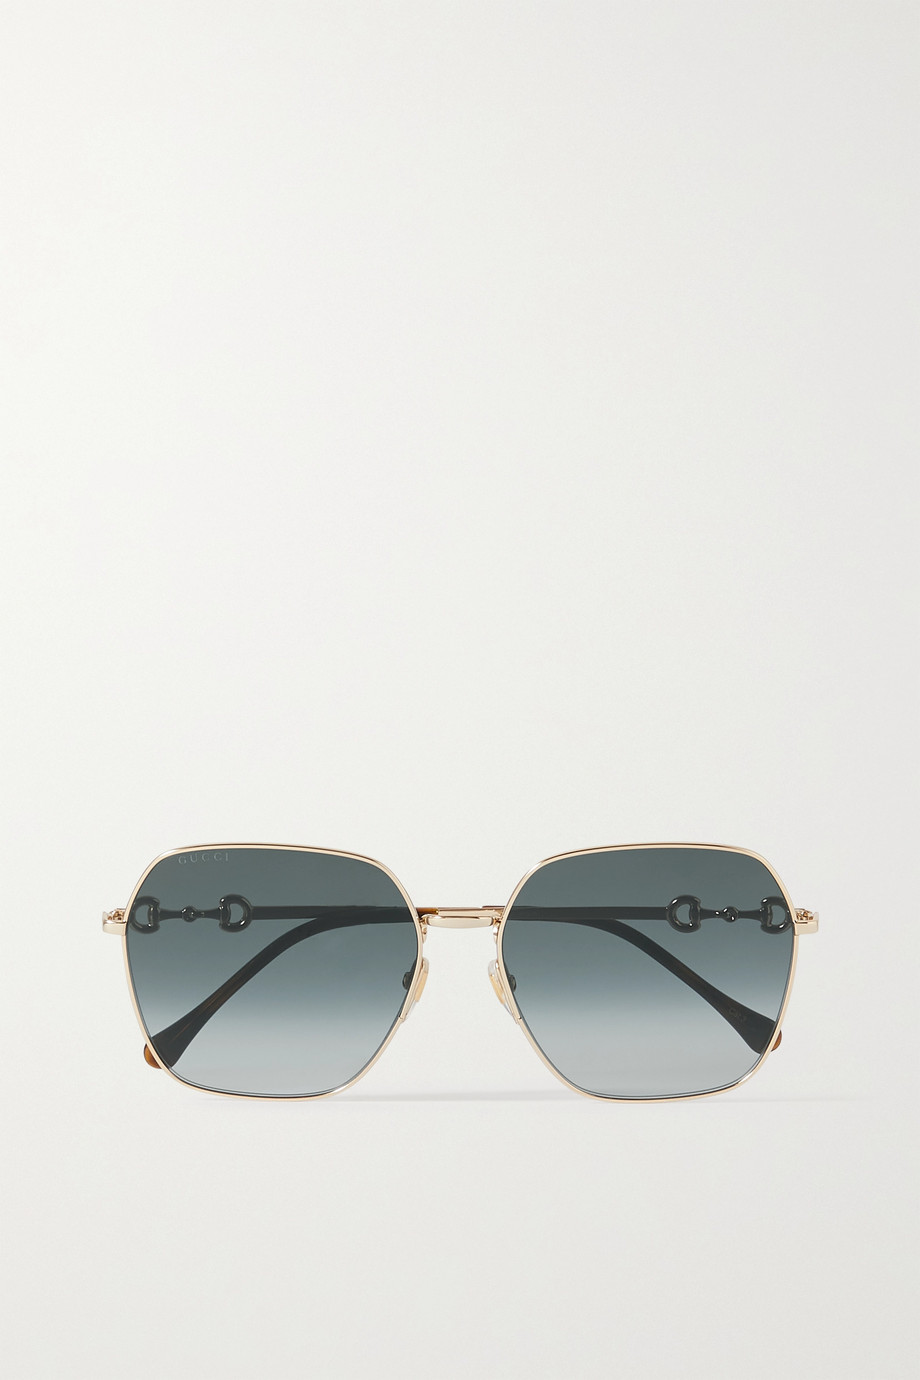 Gucci Lunettes de soleil carrées en métal doré